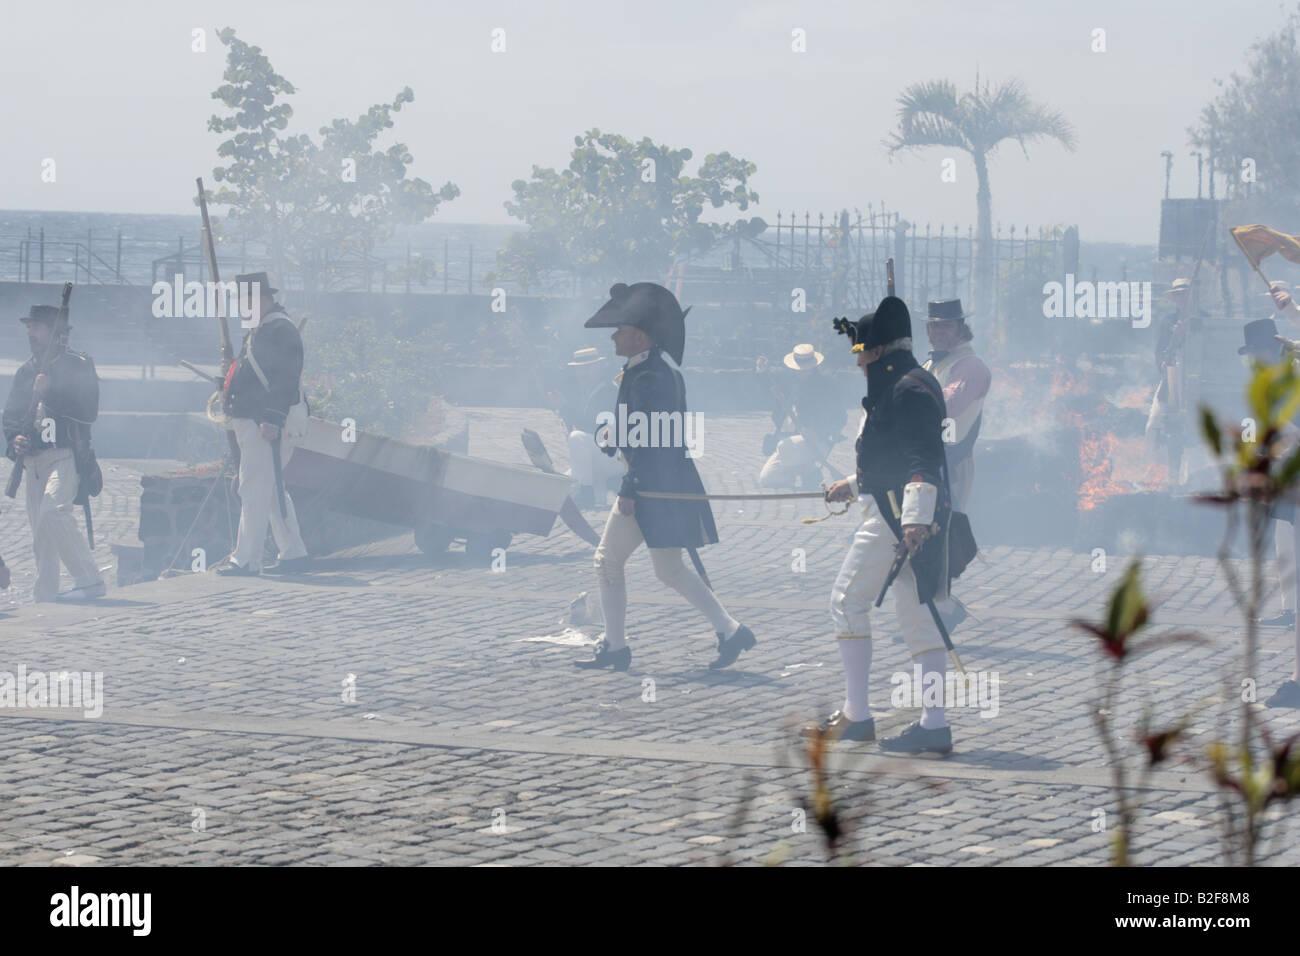 Le capitaine anglais Troughbridge et déplacer des troupes à travers un brouillard de fumée pendant une reconstitution de la bataille de 1797 Santa Cruz de Ténérife Banque D'Images